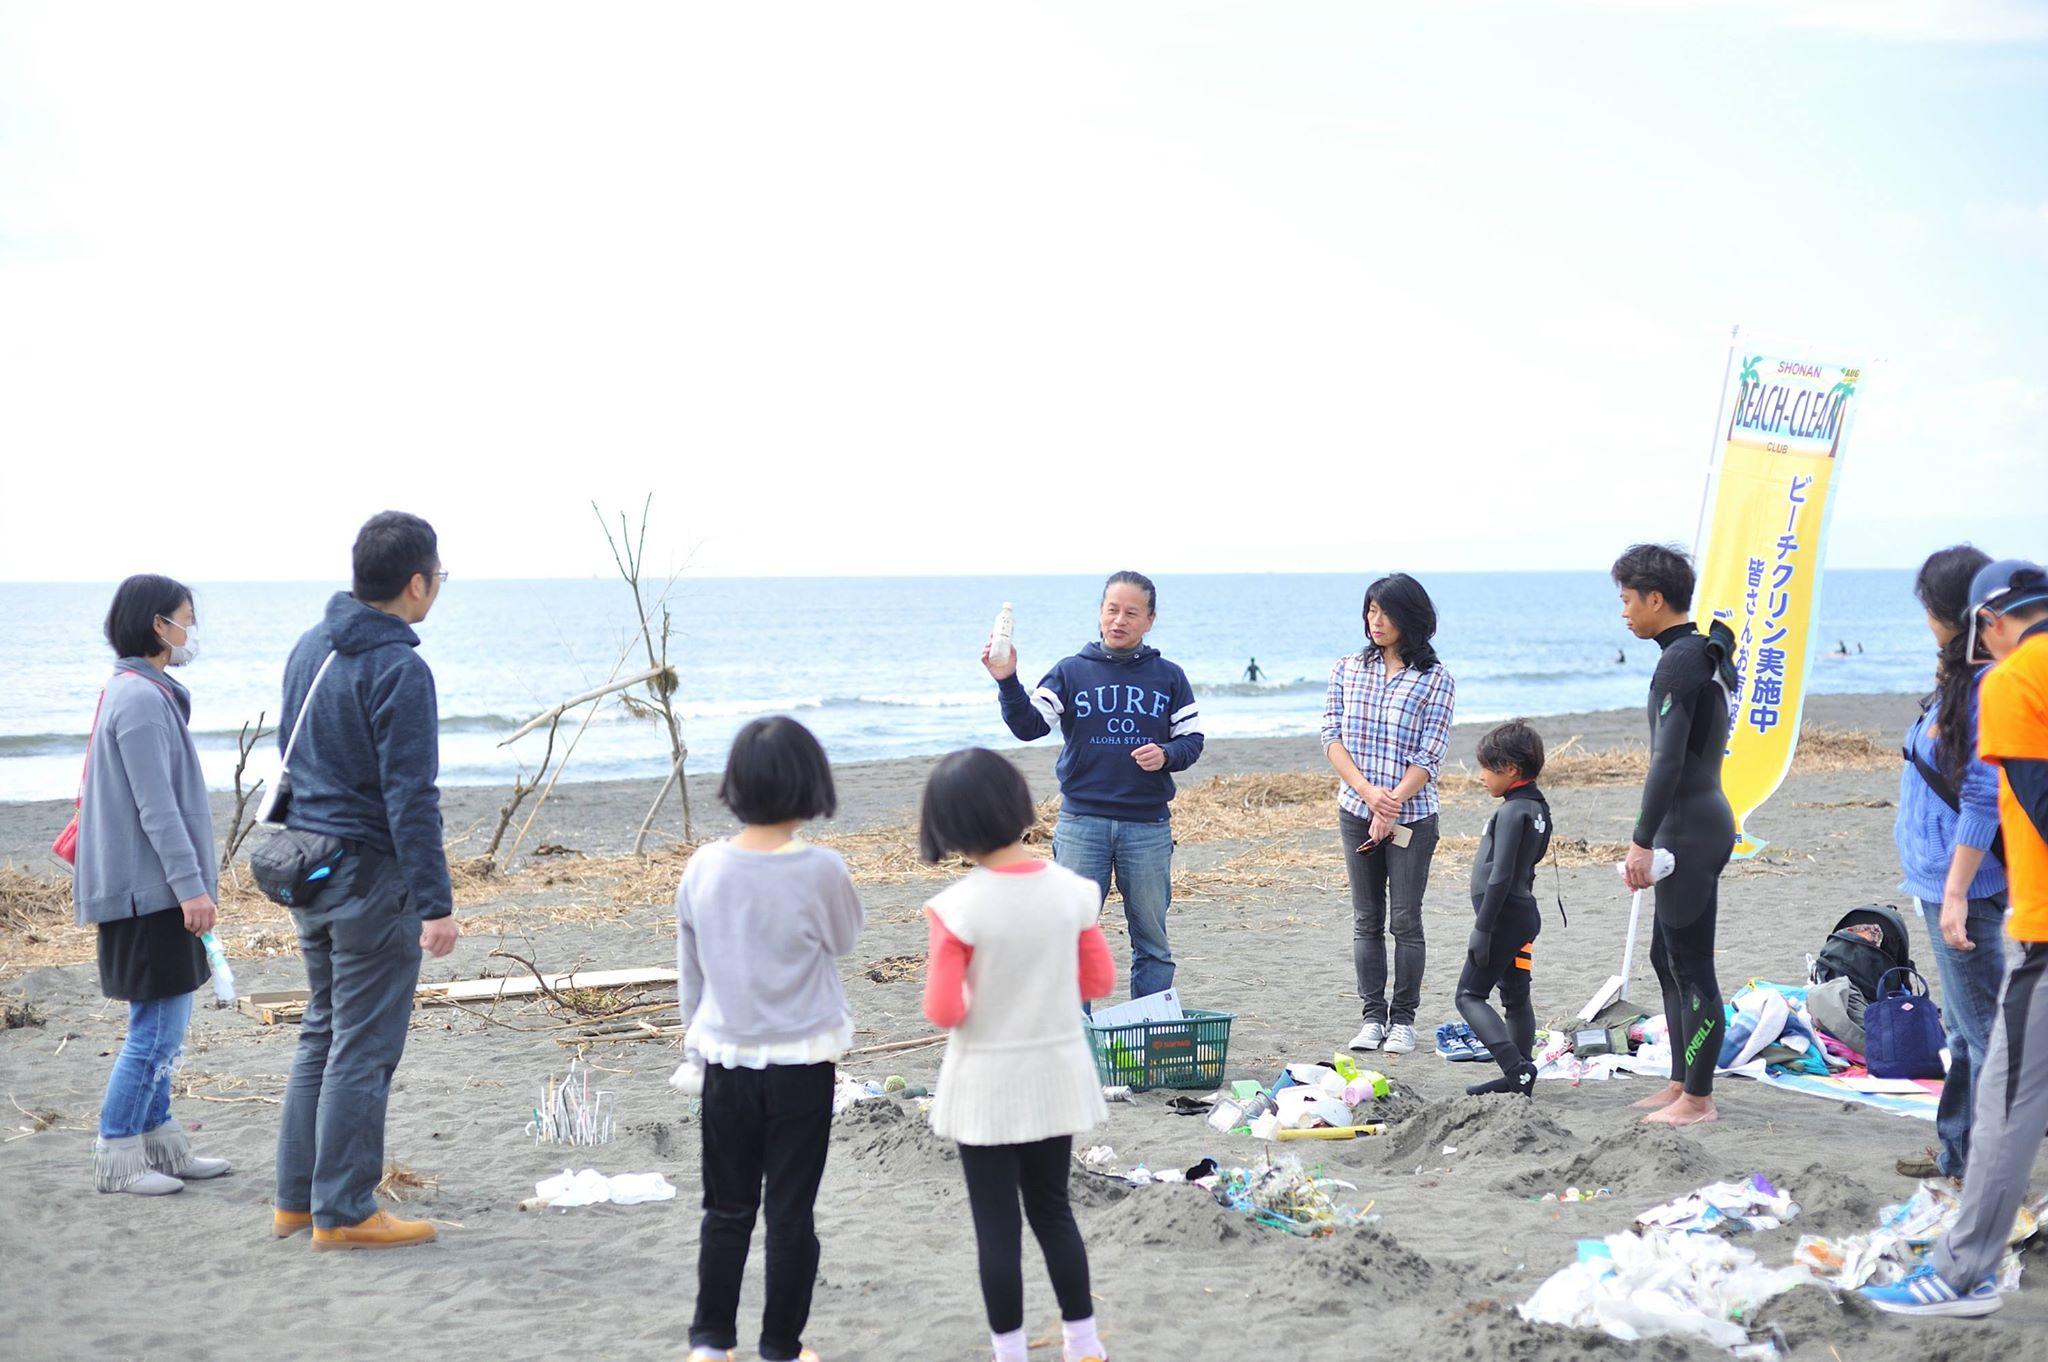 【終了】2018年10月14日(日) 第34回調べるビーチクリーン@辻堂海岸